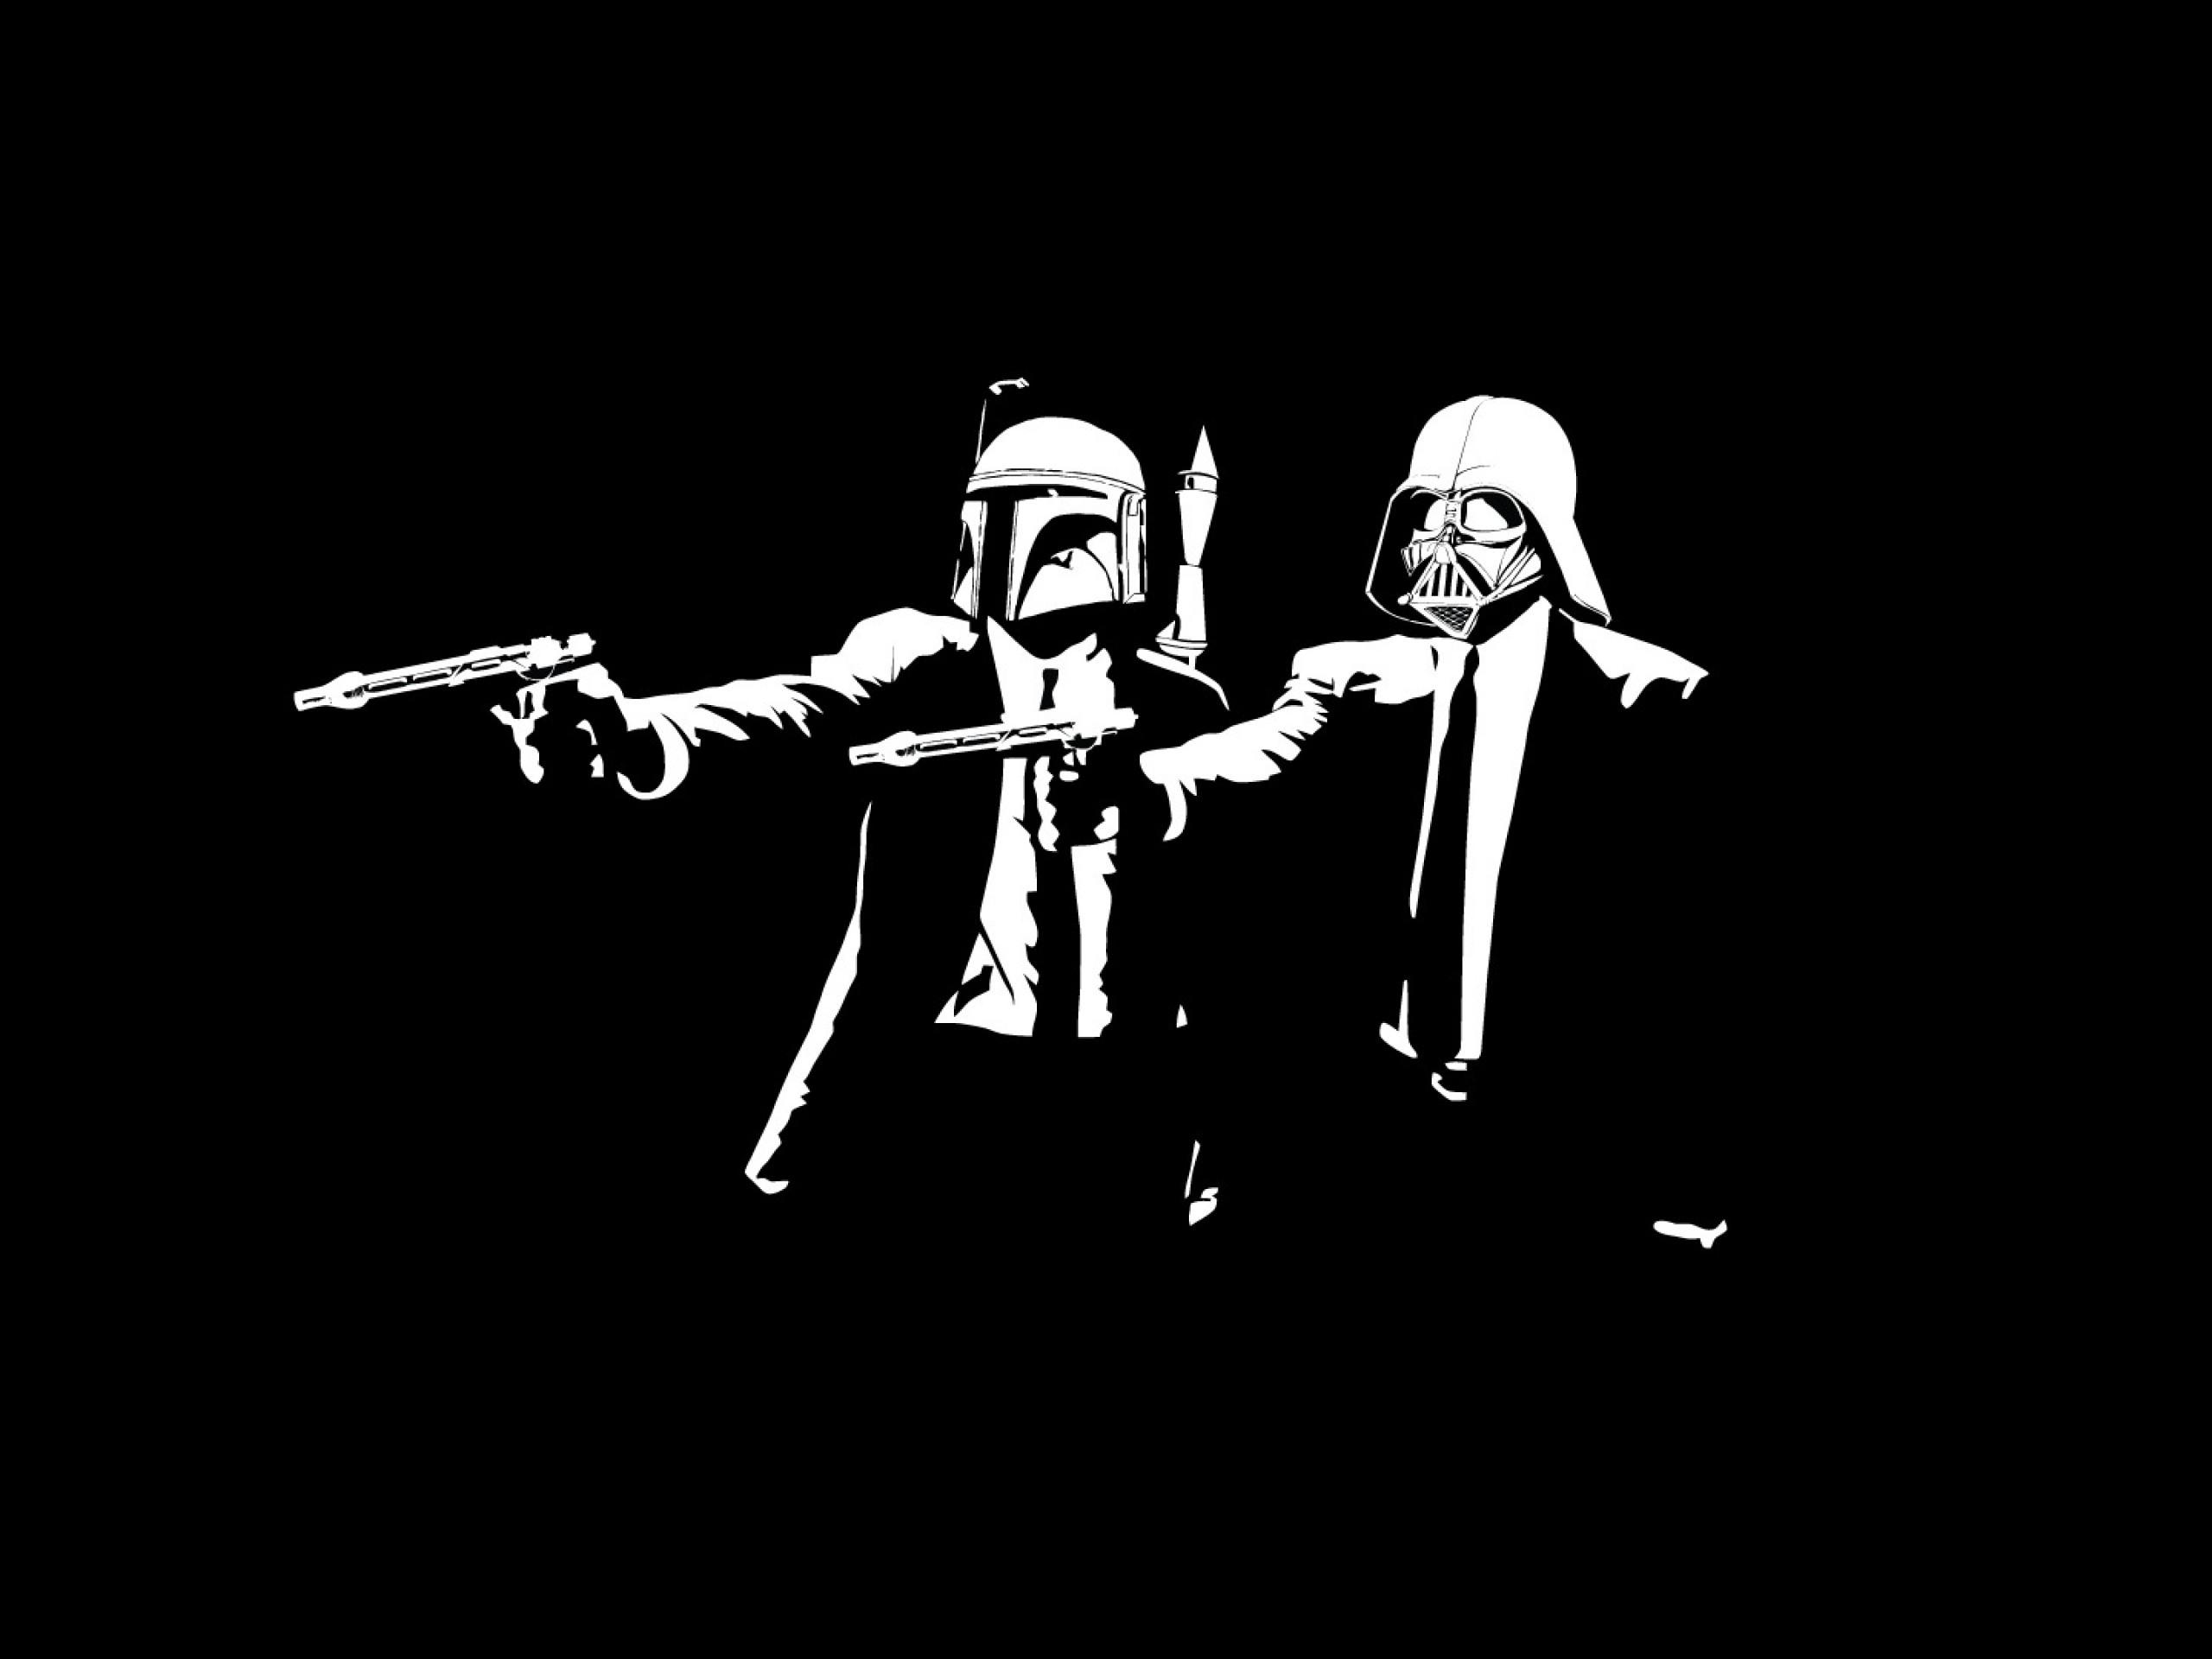 Hình nền đen trắng cho máy tính hai người giơ súng bắn